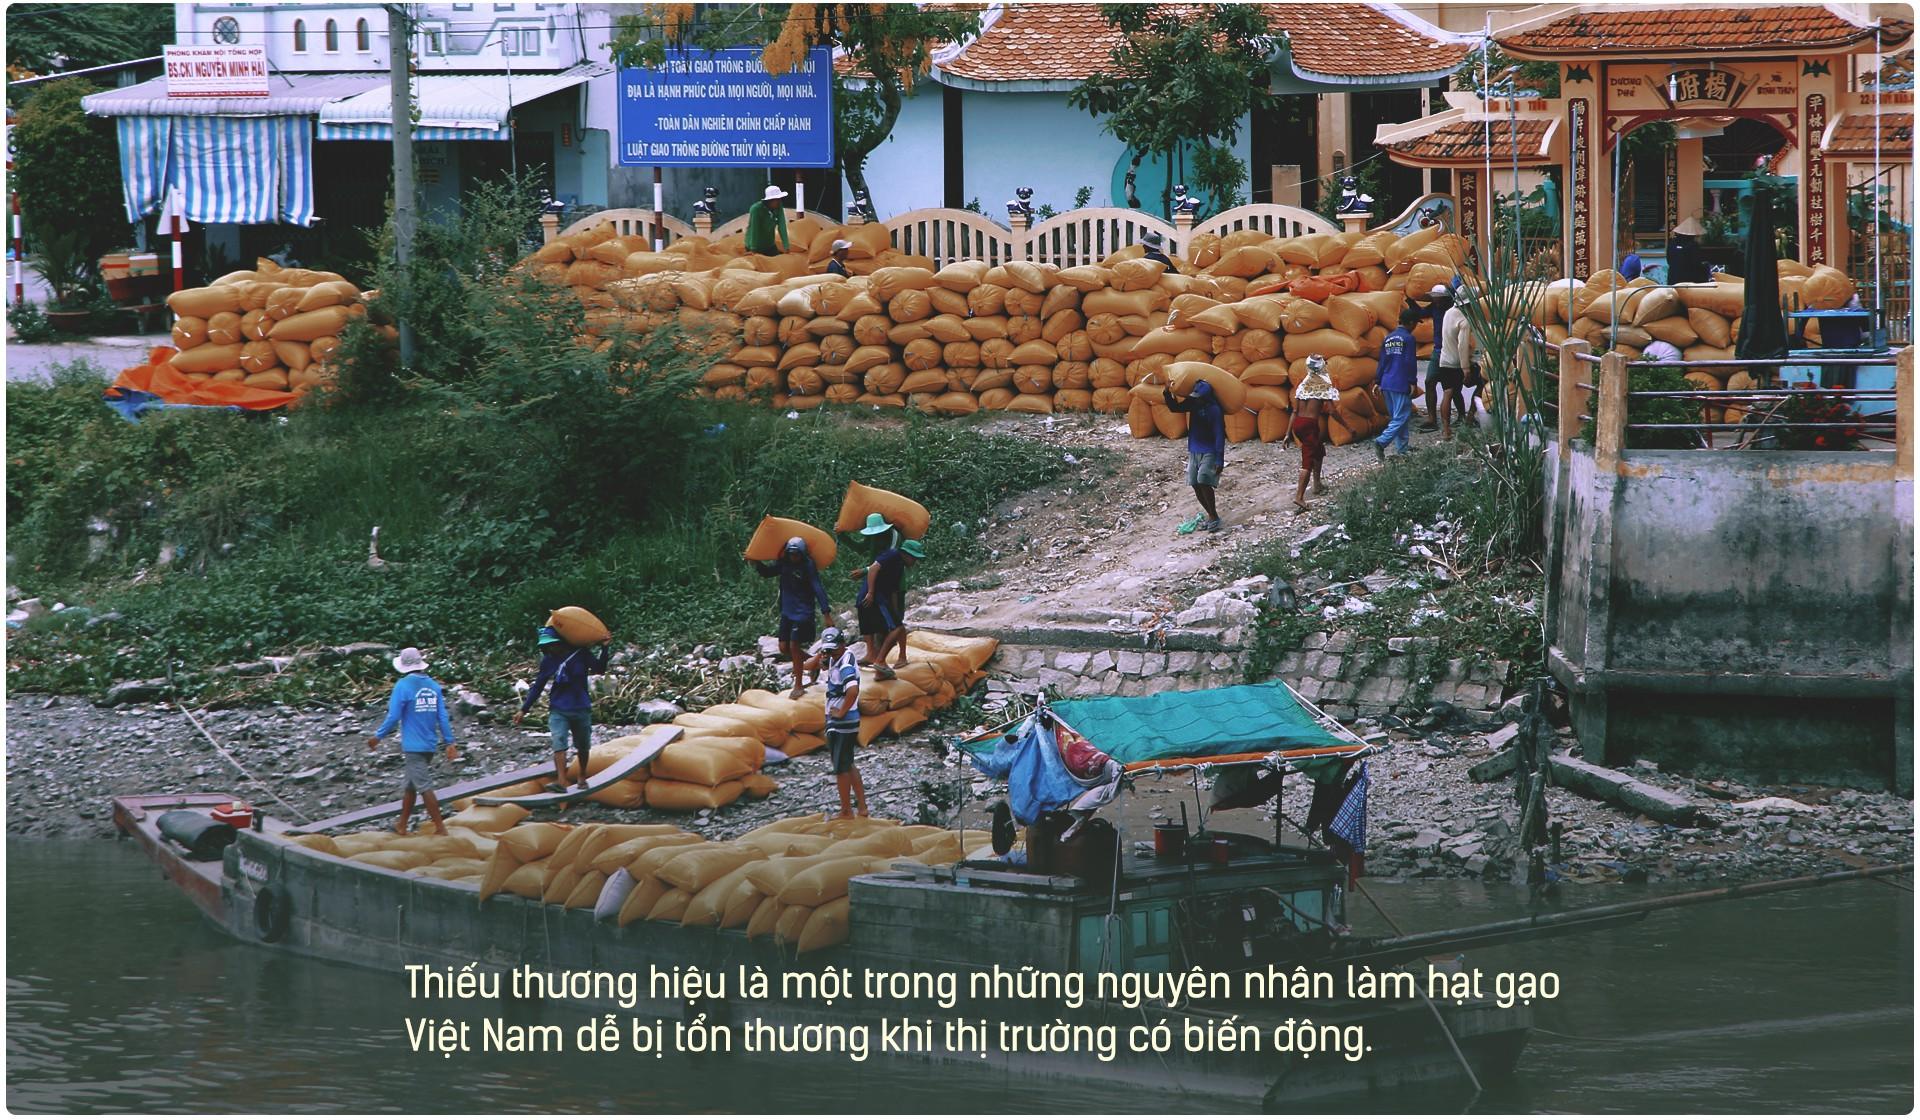 Hạt gạo Việt: 30 năm, một nỗi đau đáu về thương hiệu - Ảnh 5.